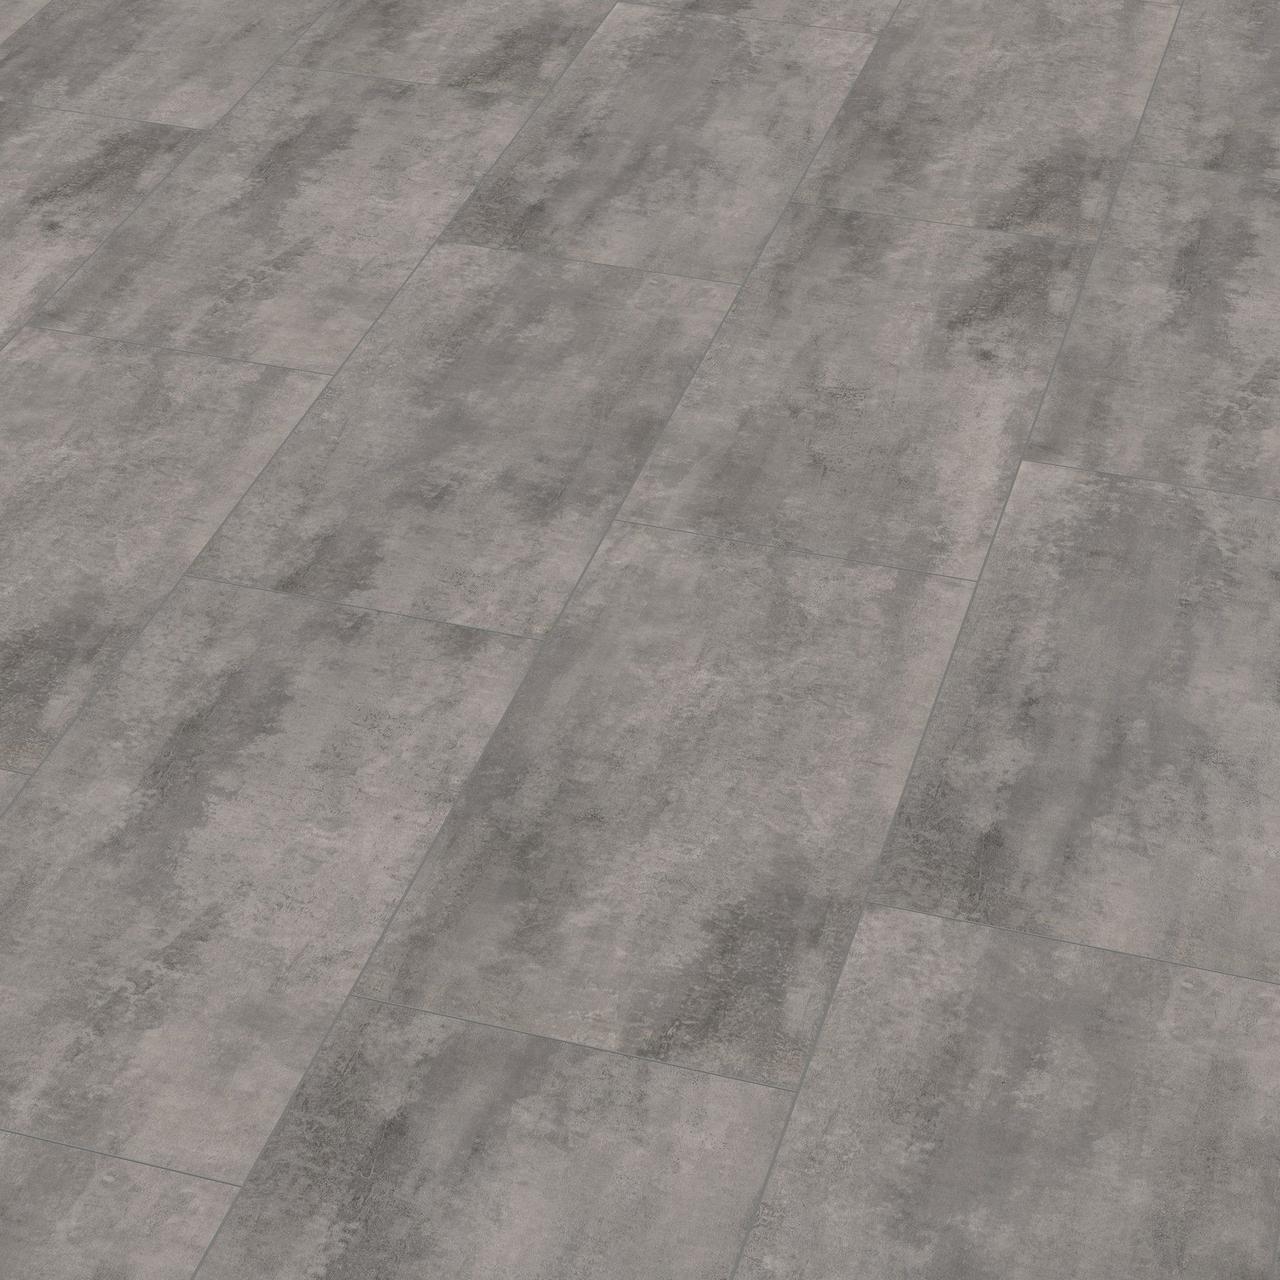 Вінілові покриття Wineo Glamour Concrete Modern